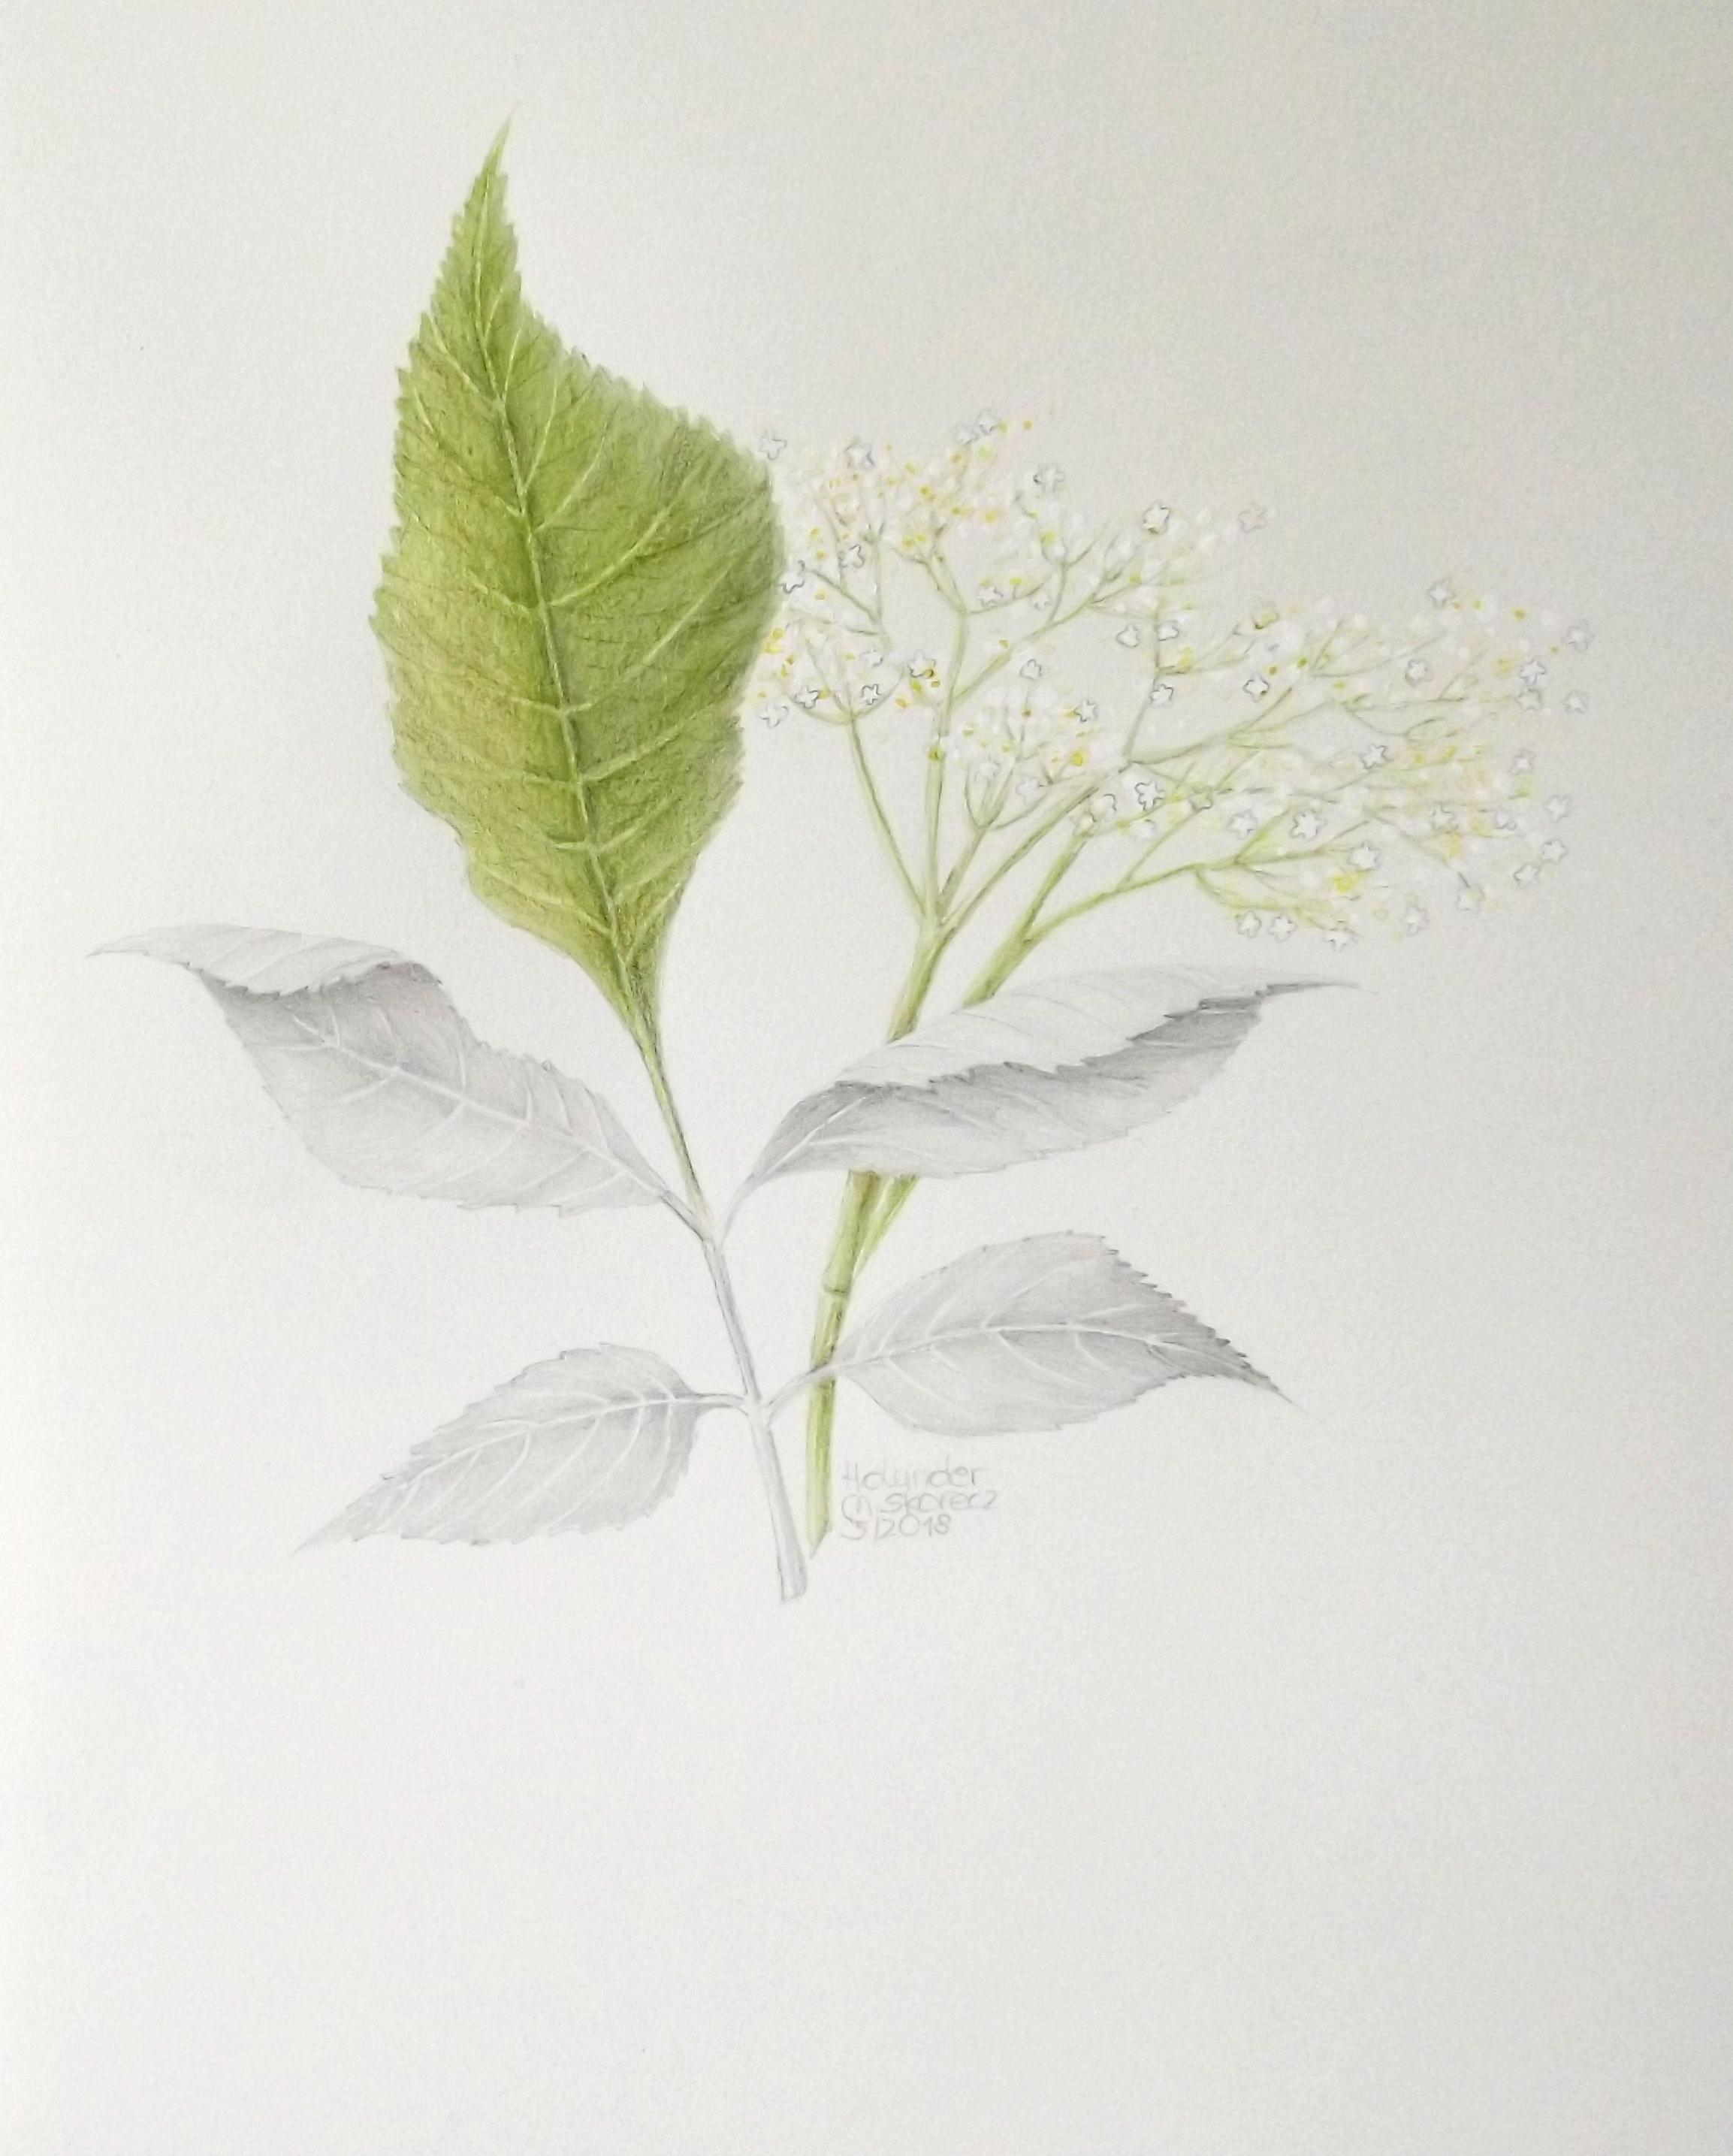 handzeichnung eines Holunder blatt und Blüte